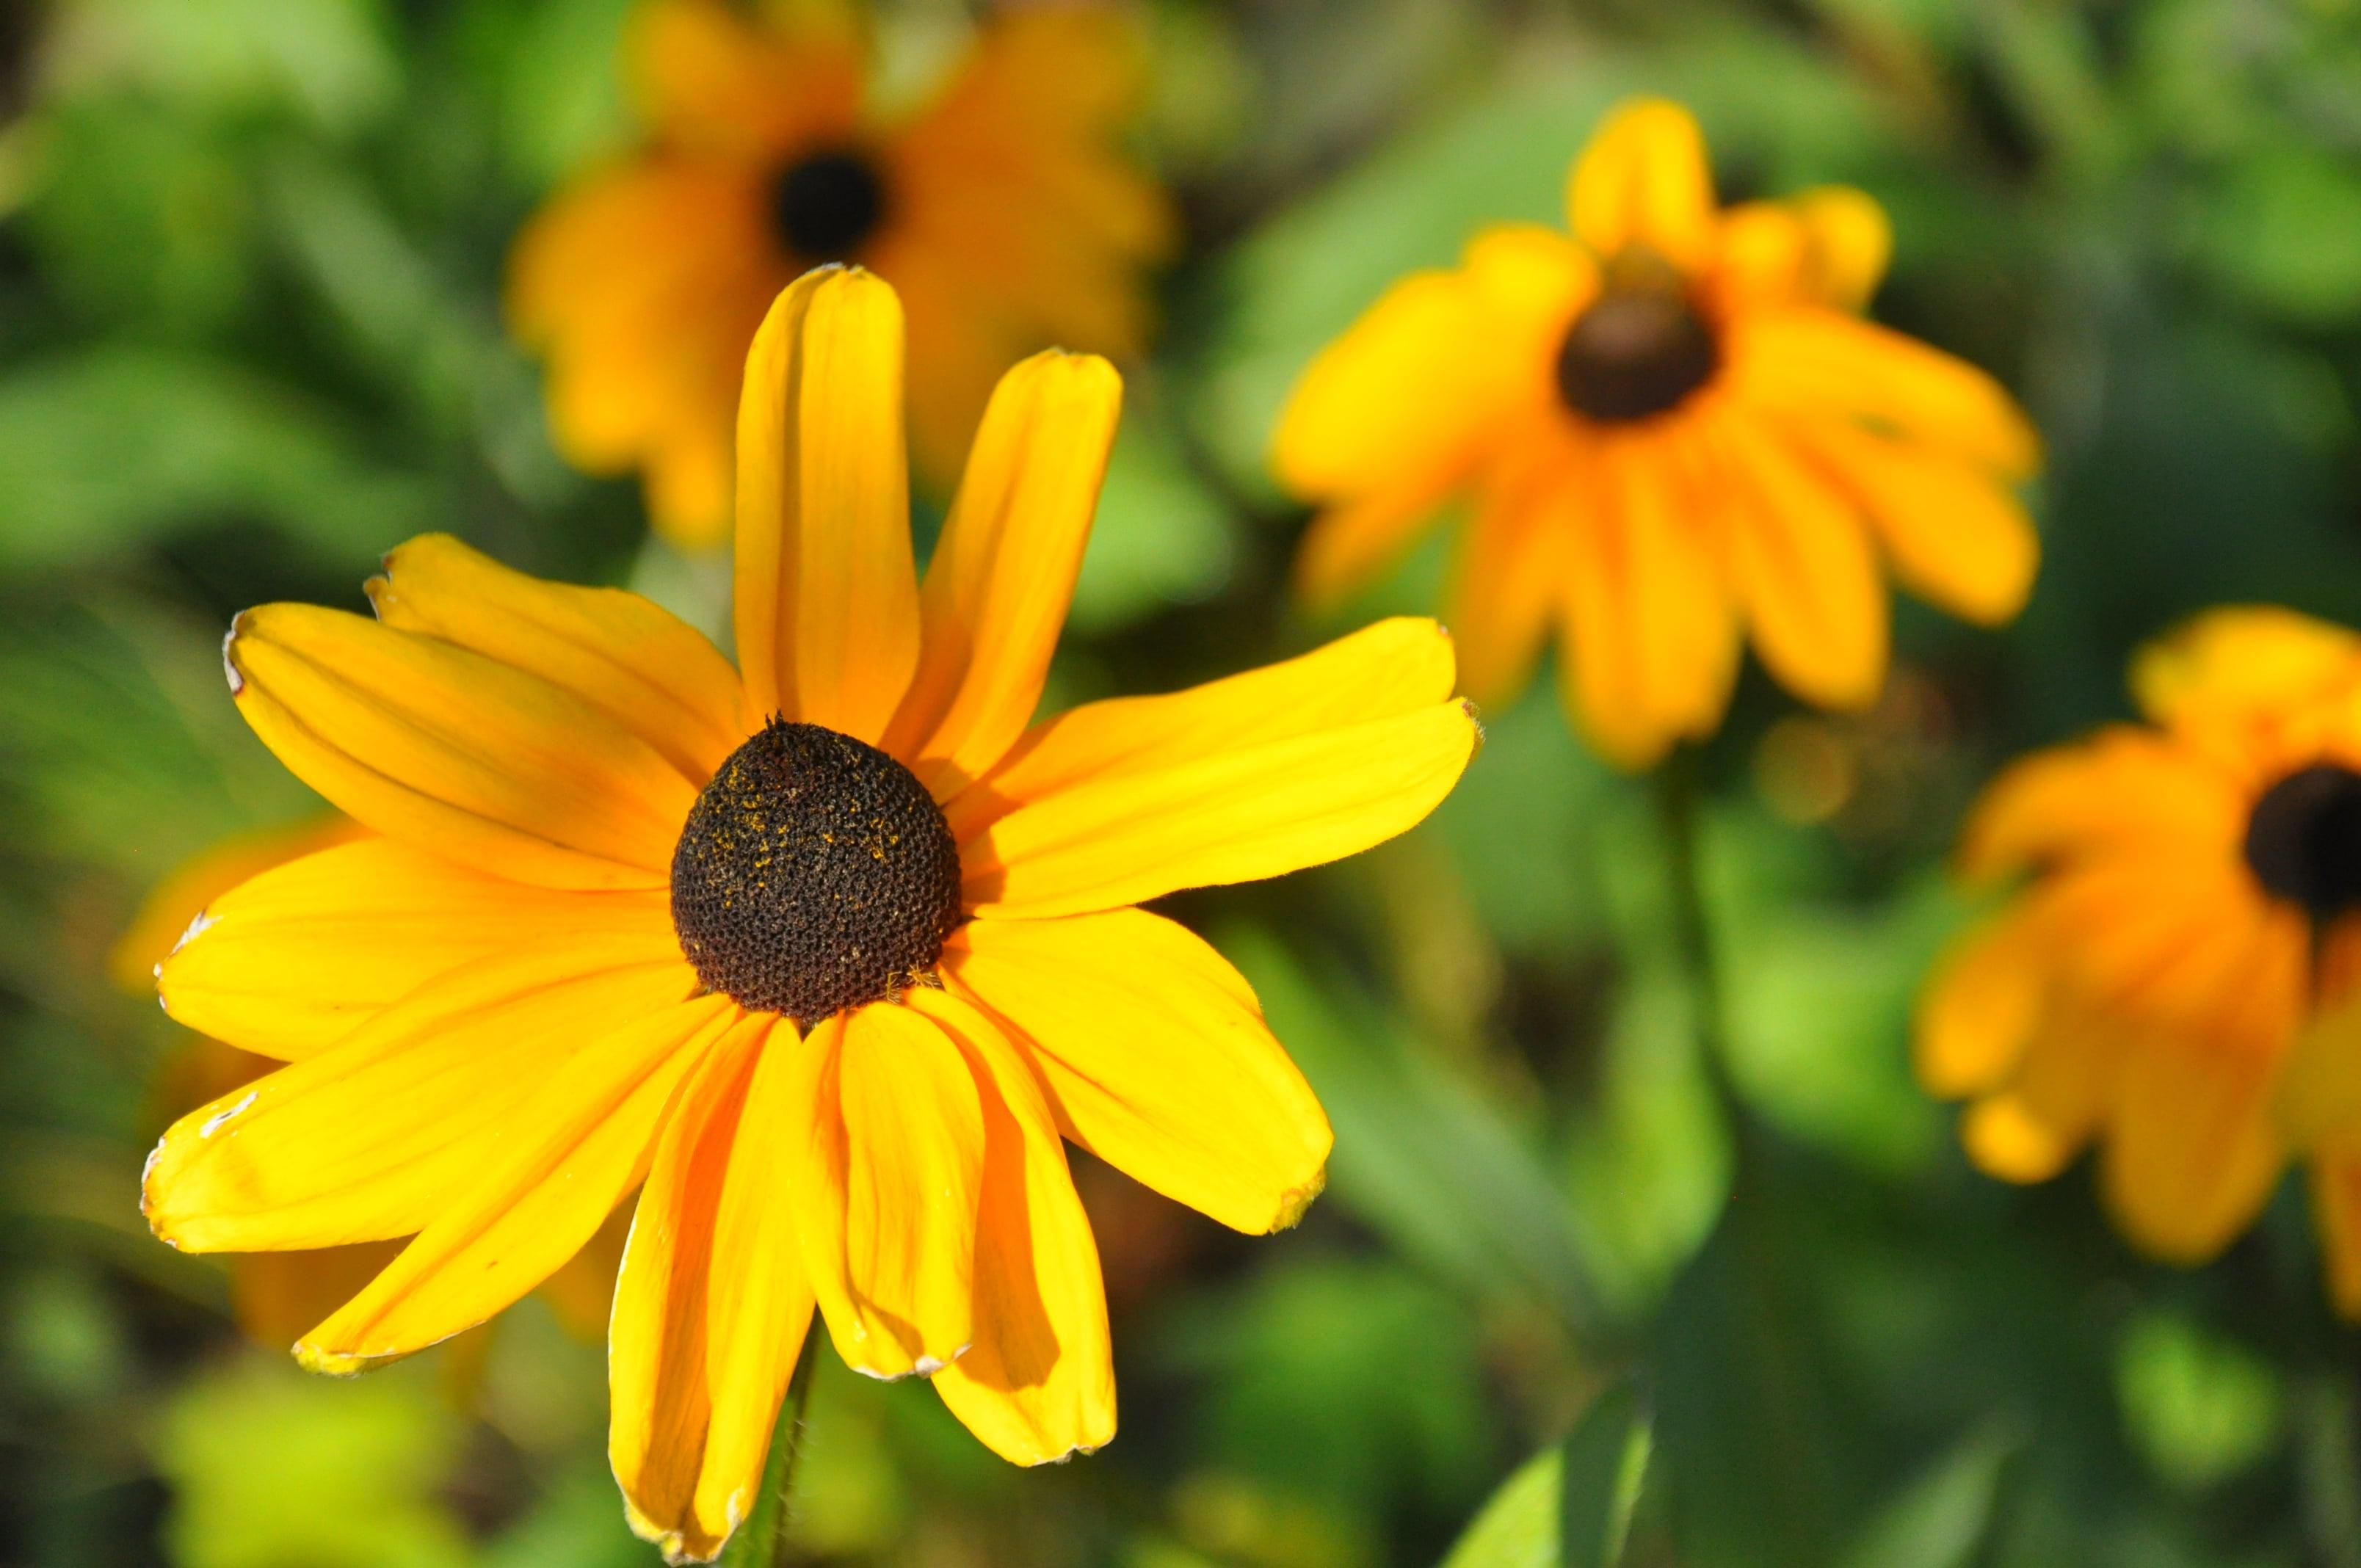 ausflugsziel herbstblume